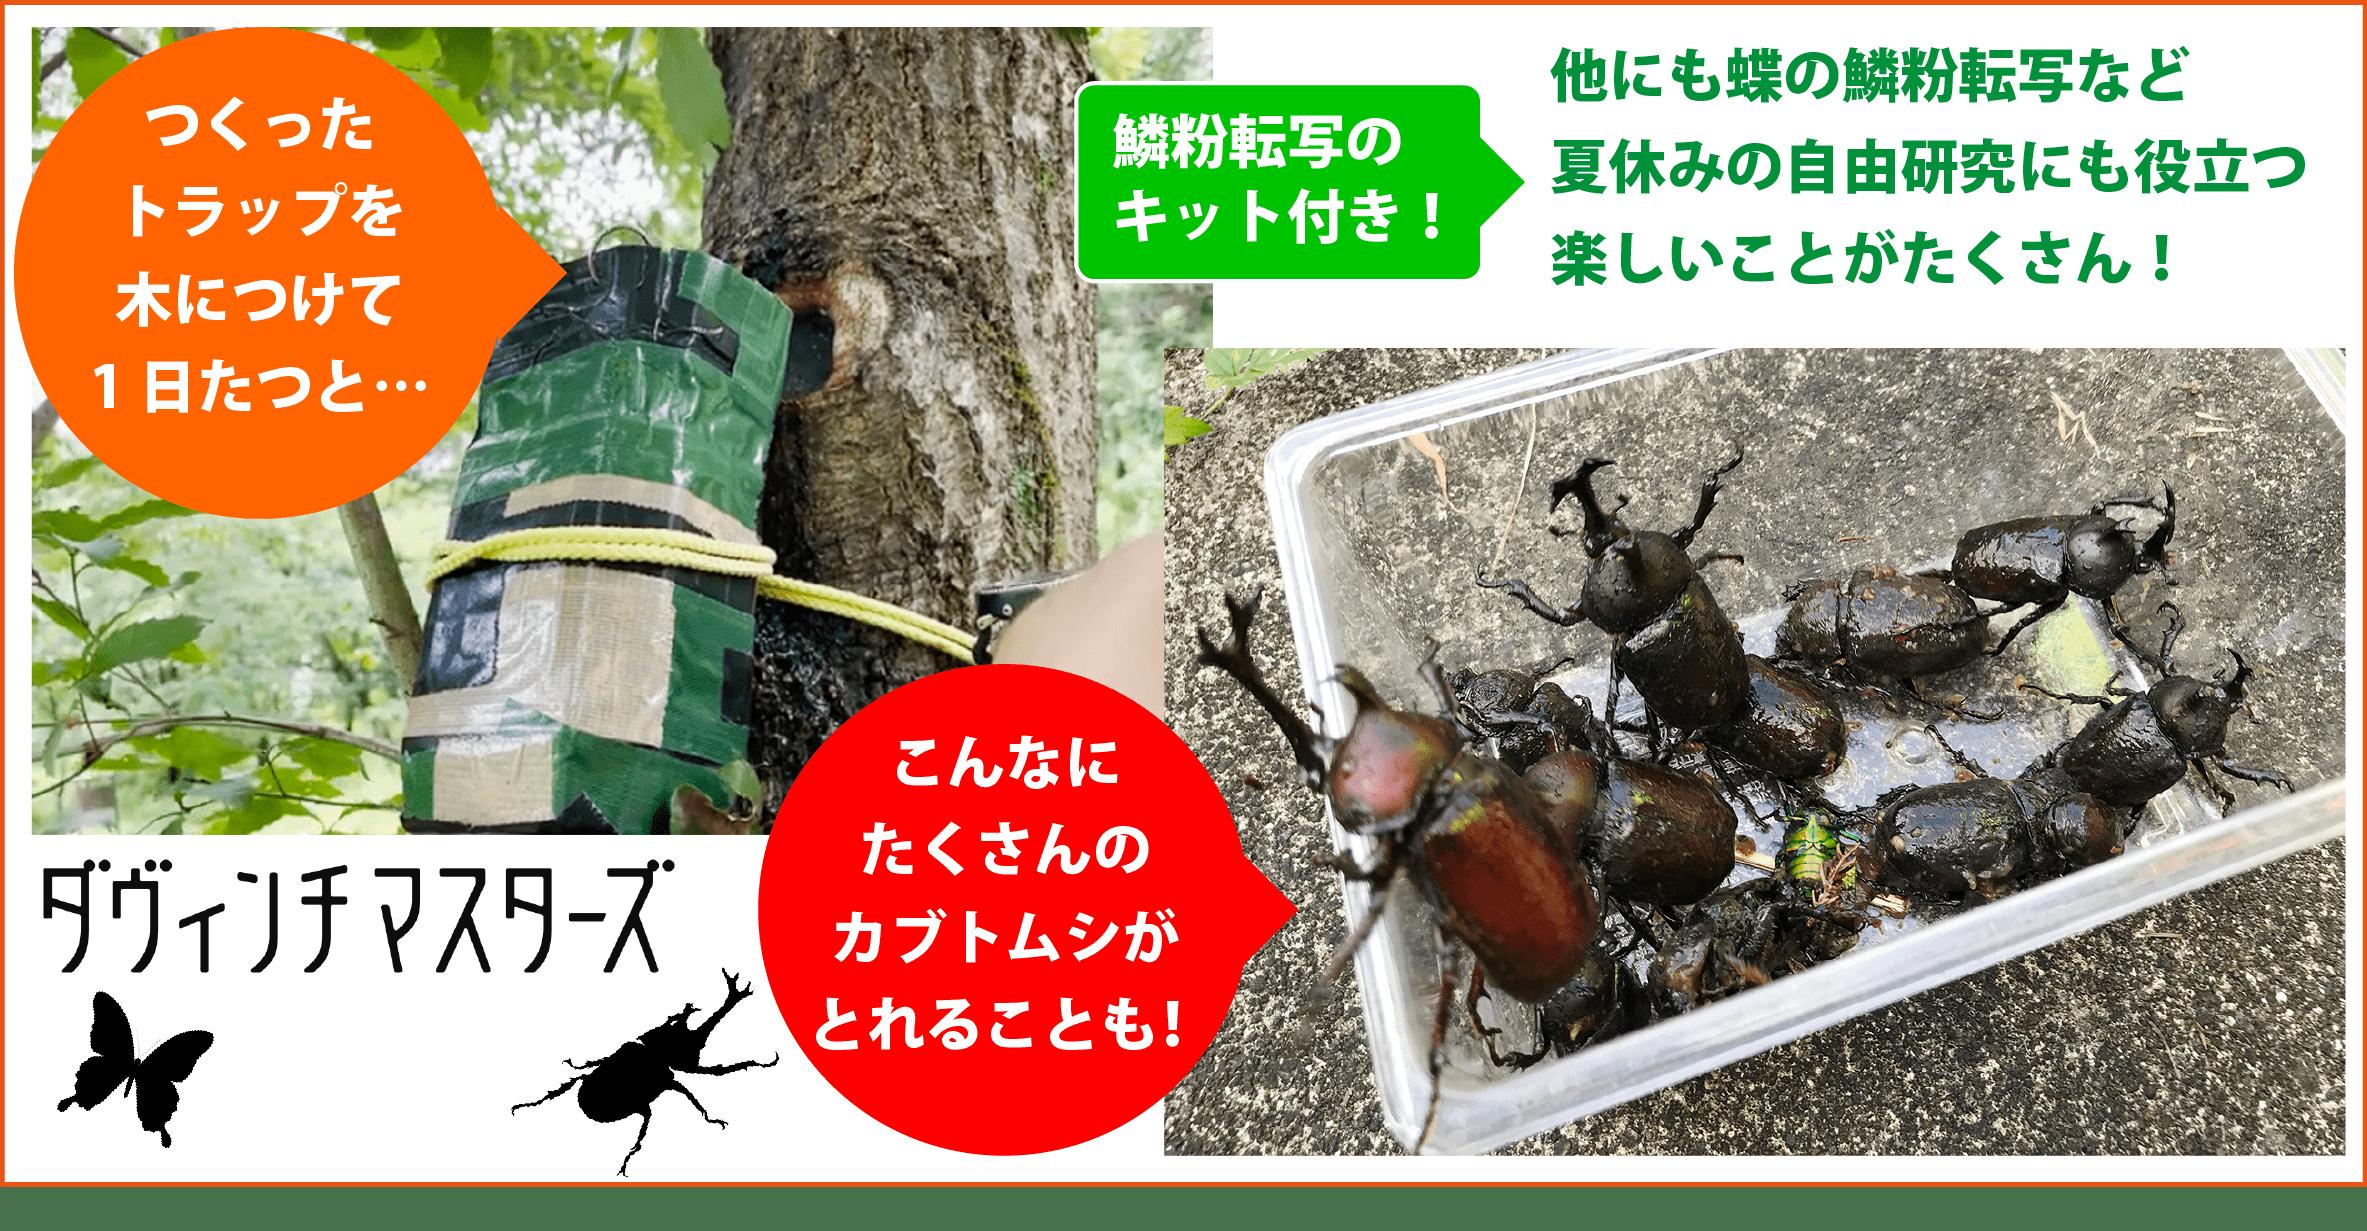 【定員間近】8/1開催!自由研究のまとめつき!昆虫博士になろう!オンラインプログラム